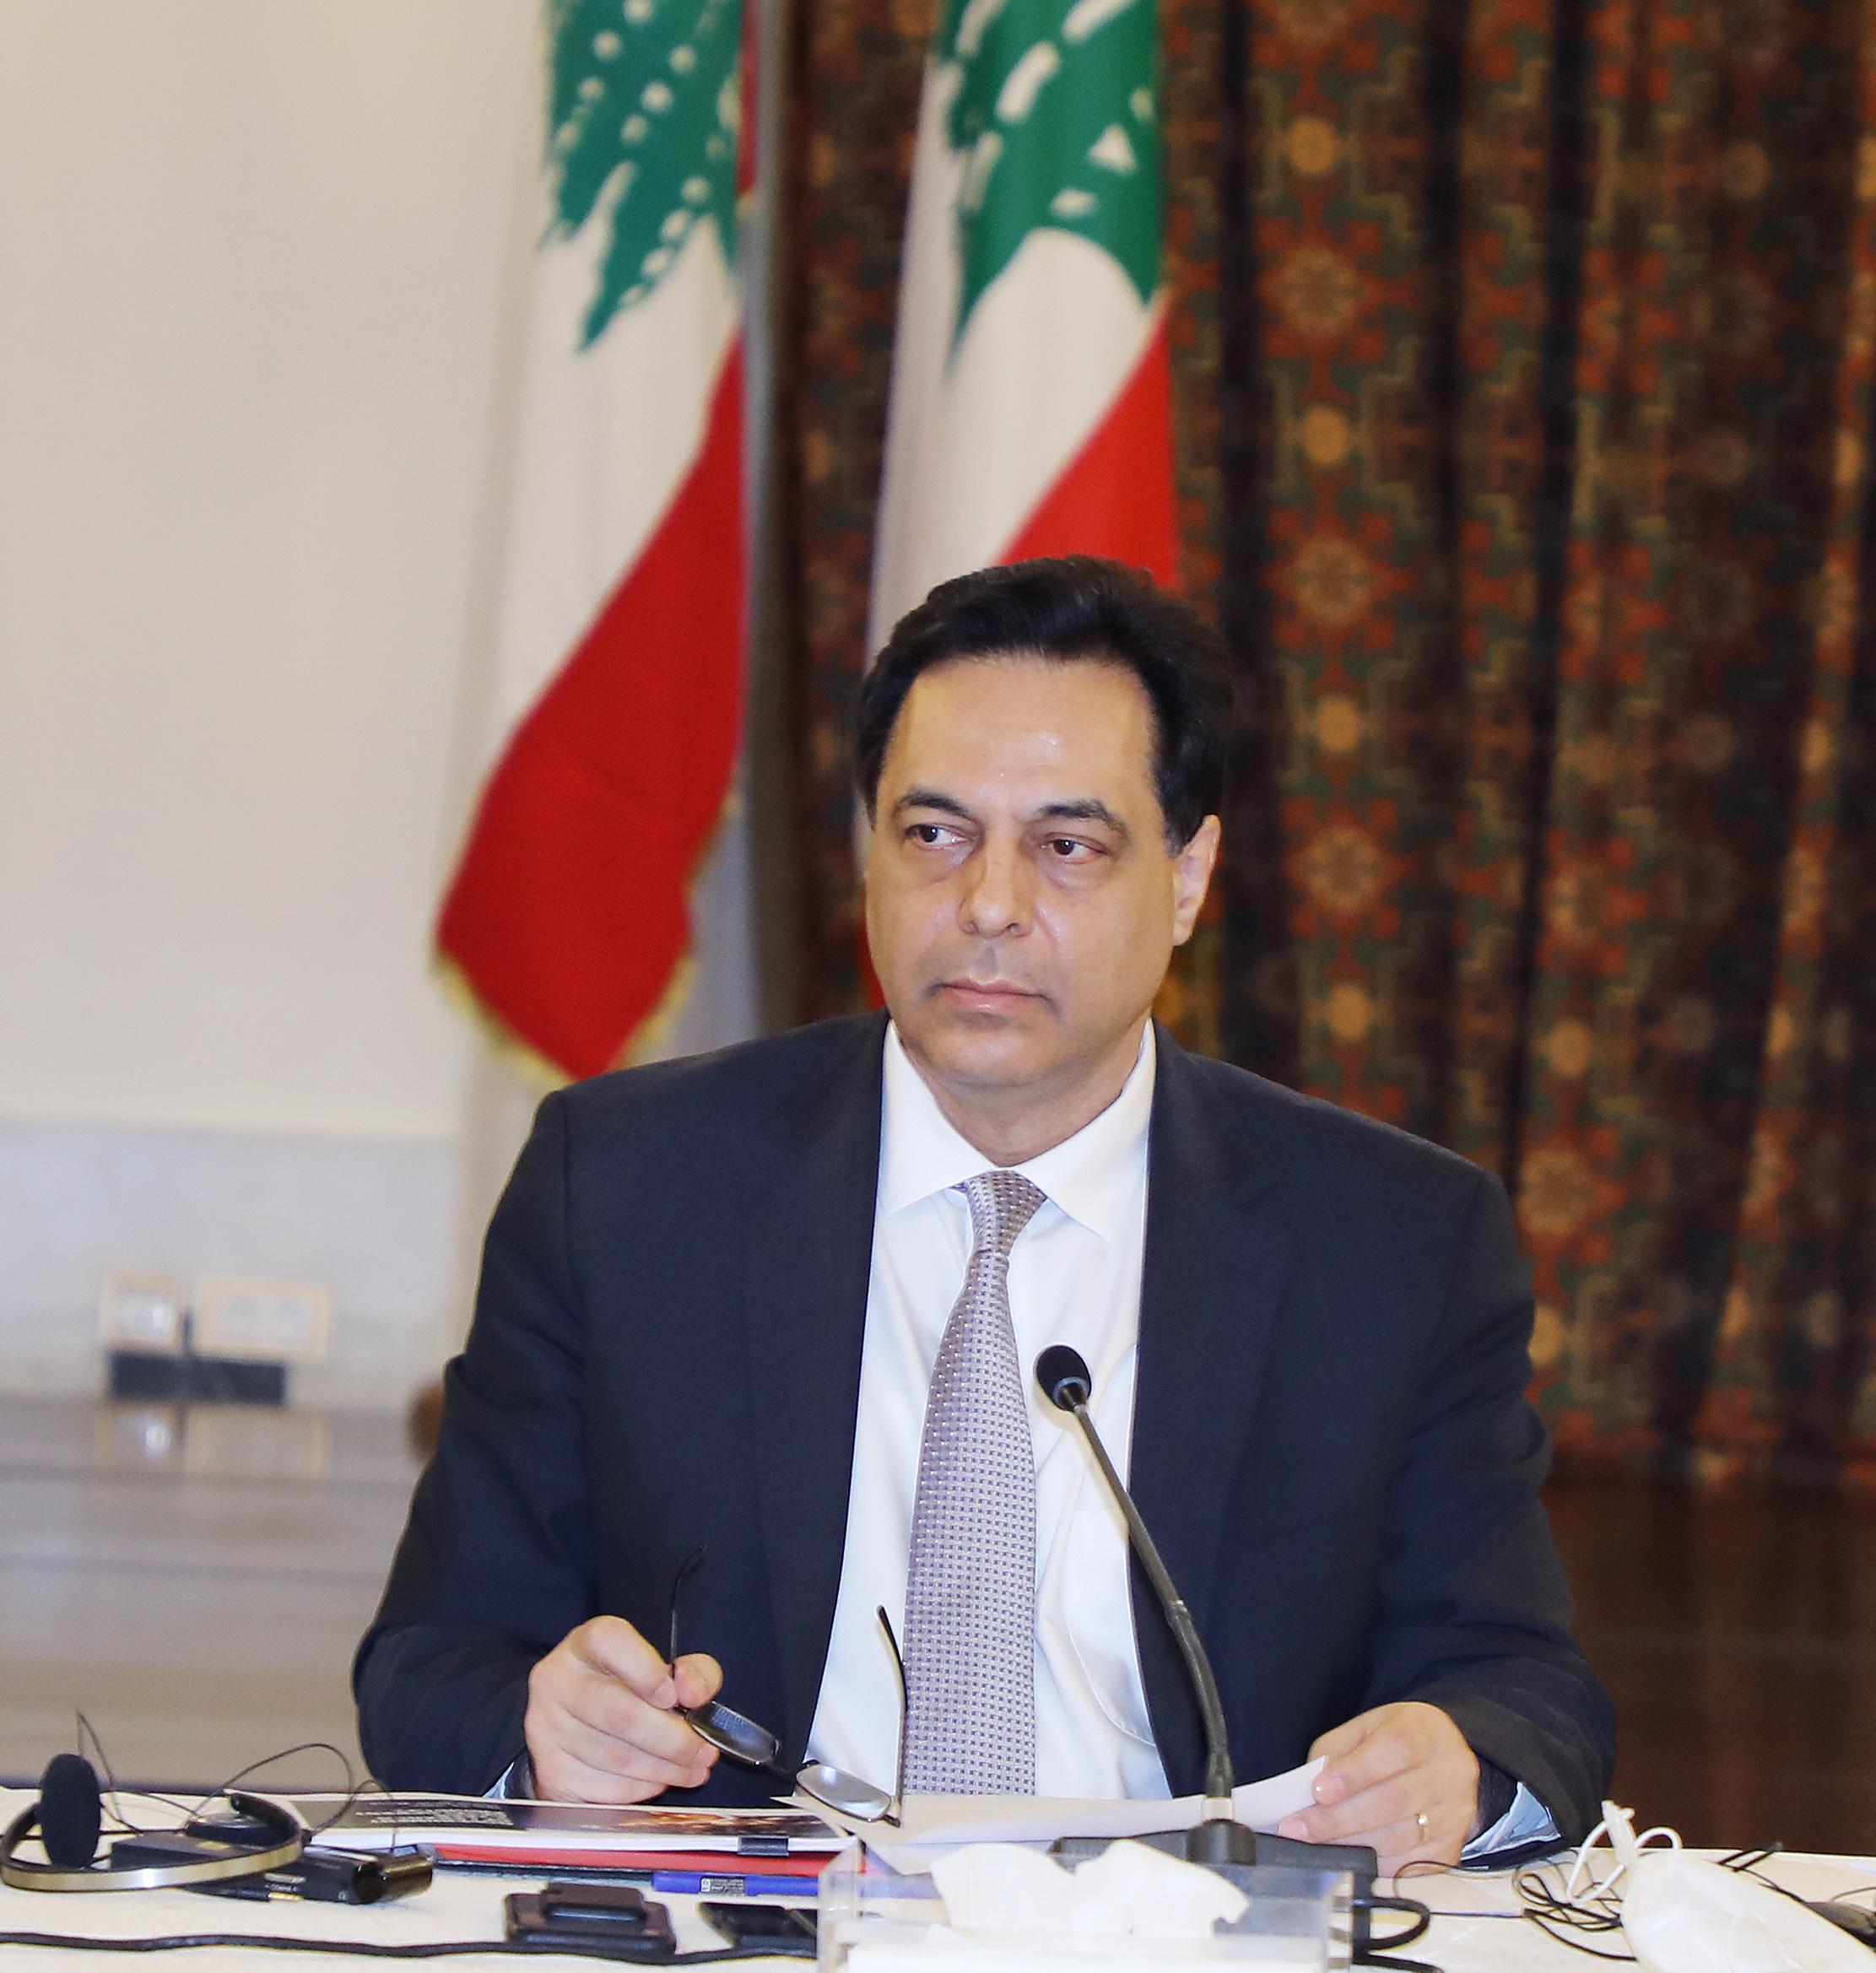 Pr Minister Hassan Diab meets a Delegation form Ambassadors 4